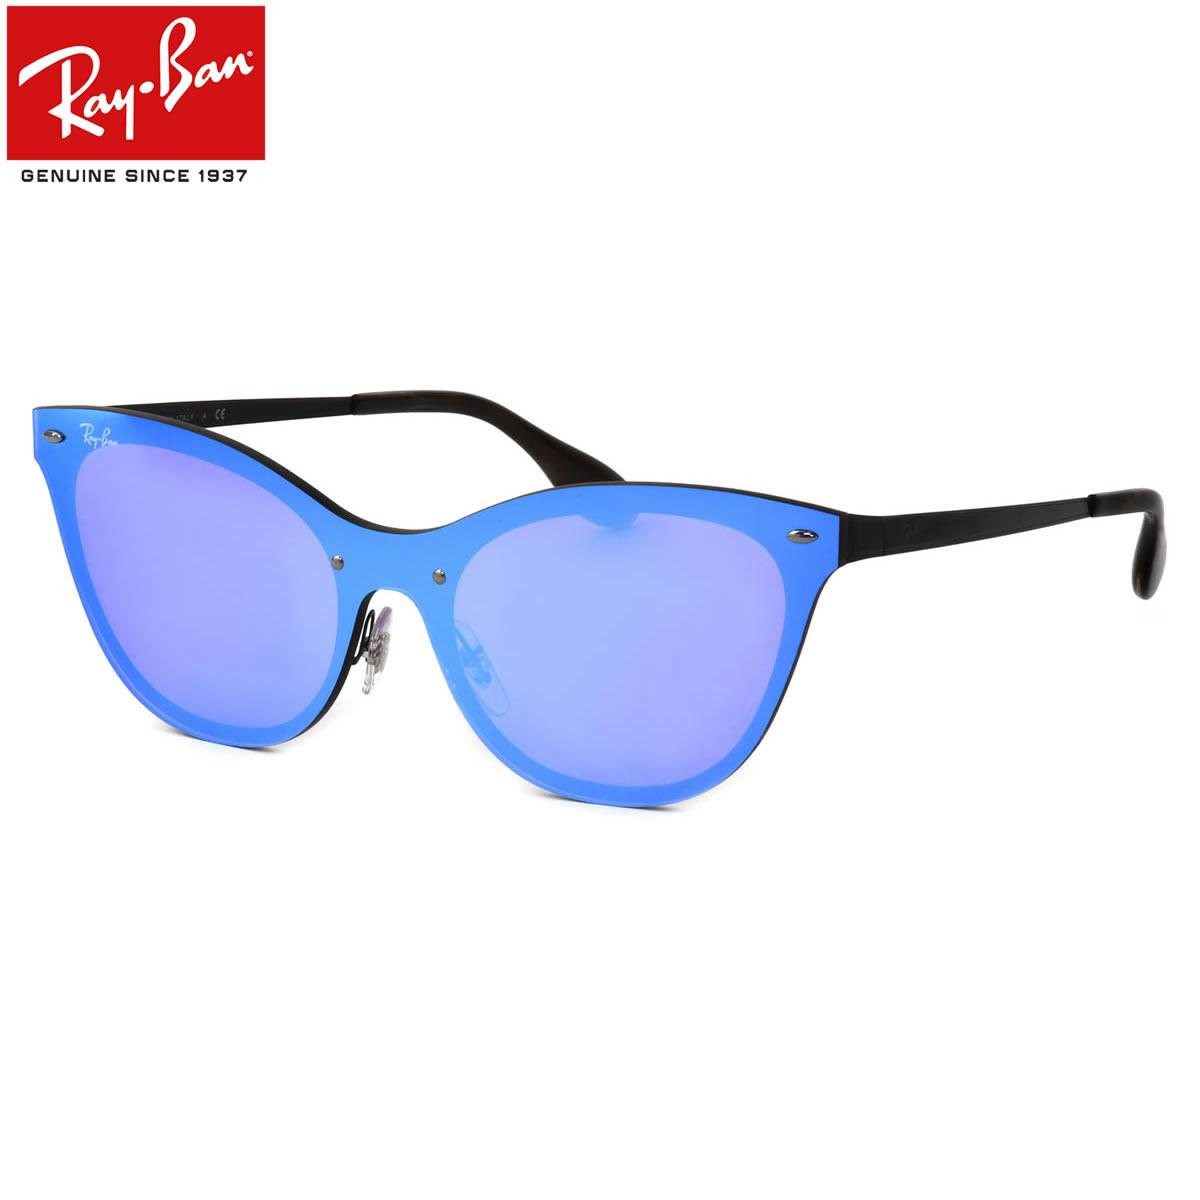 レイバン サングラス Ray-Ban RB3580N 153/7V 143サイズ BLAZE ブレイズ レディースモデル RayBan キャッツ キャッツアイ FLASH LENSES フラットレンズ シールドレンズ 一眼 べっ甲 べっこう ブルーレンズ ミラー